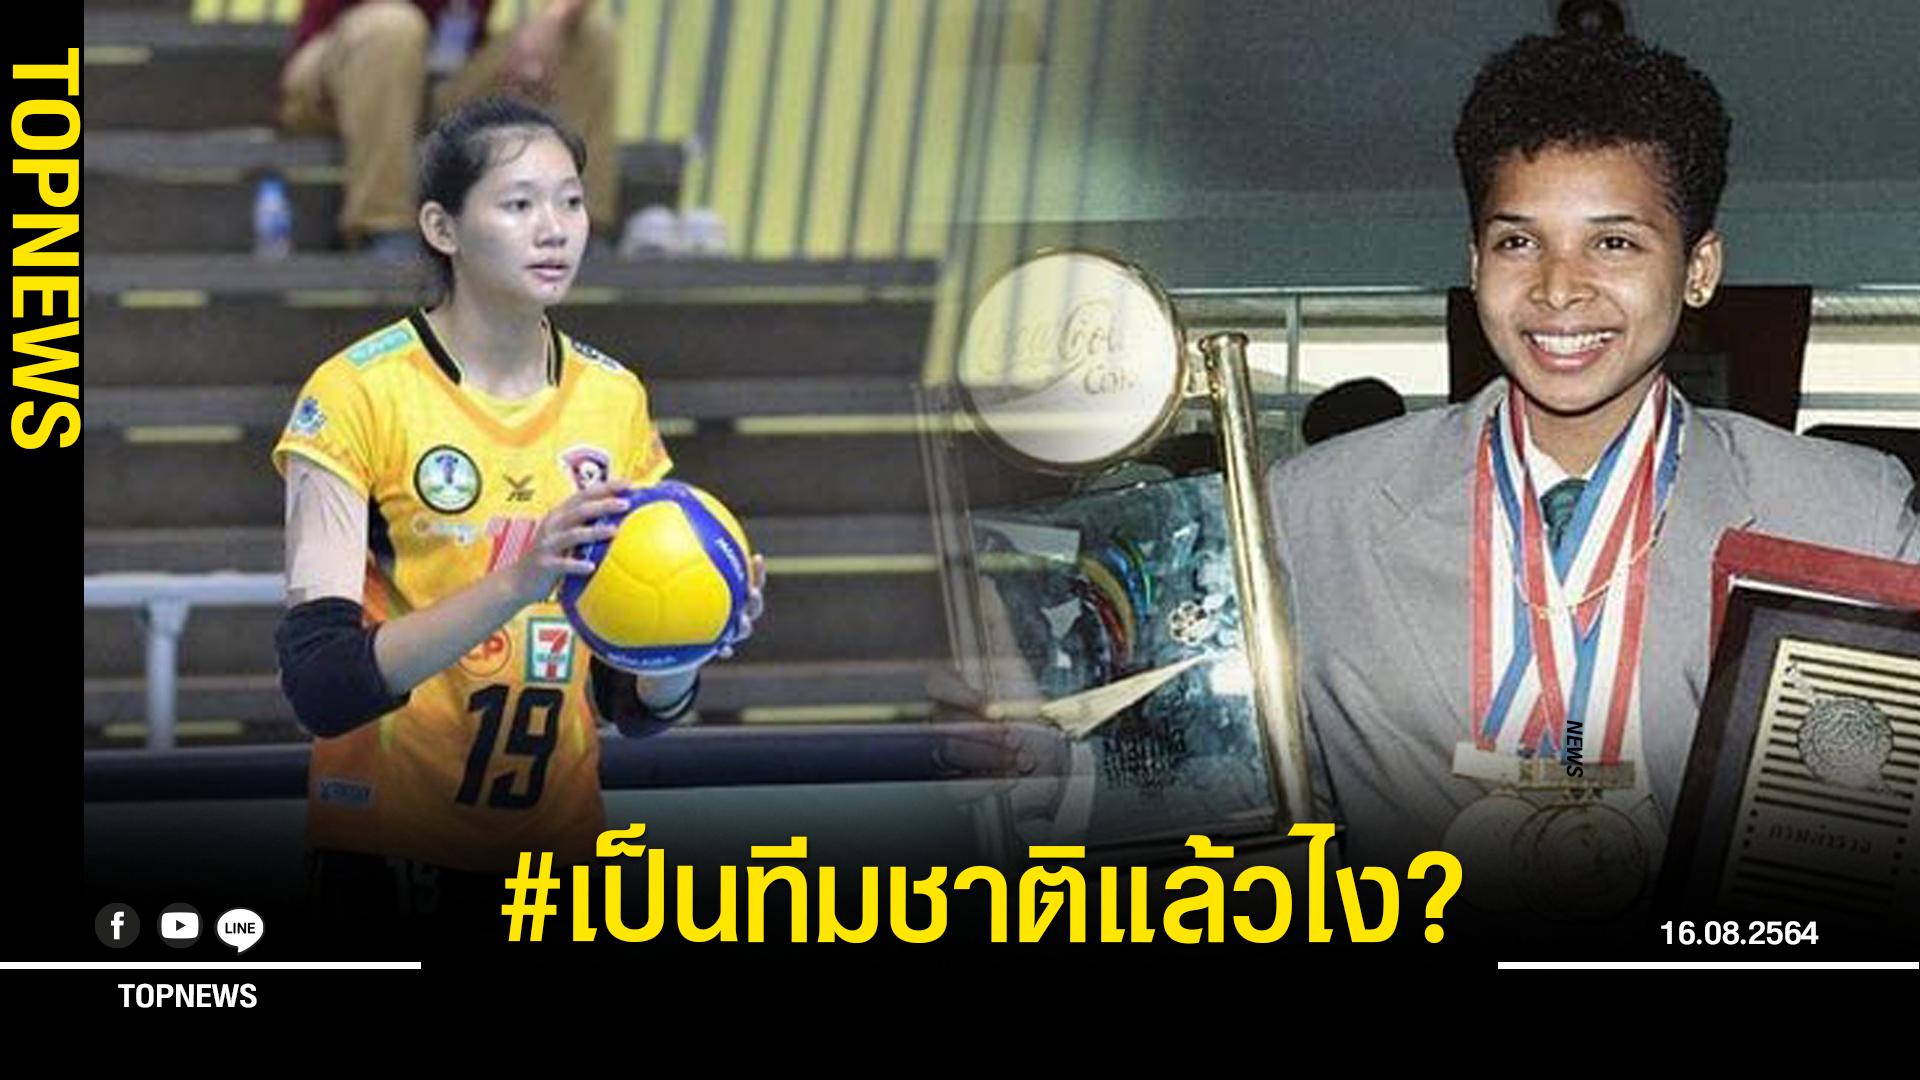 อดีตนักวิ่งทีมชาติไทย แซะ ชัชชุอร หลังด้อยค่าประเทศ ลั่น อย่าโง่แล้วอวดฉลาด เป็นนักกีฬาทีมชาติแล้วไง?